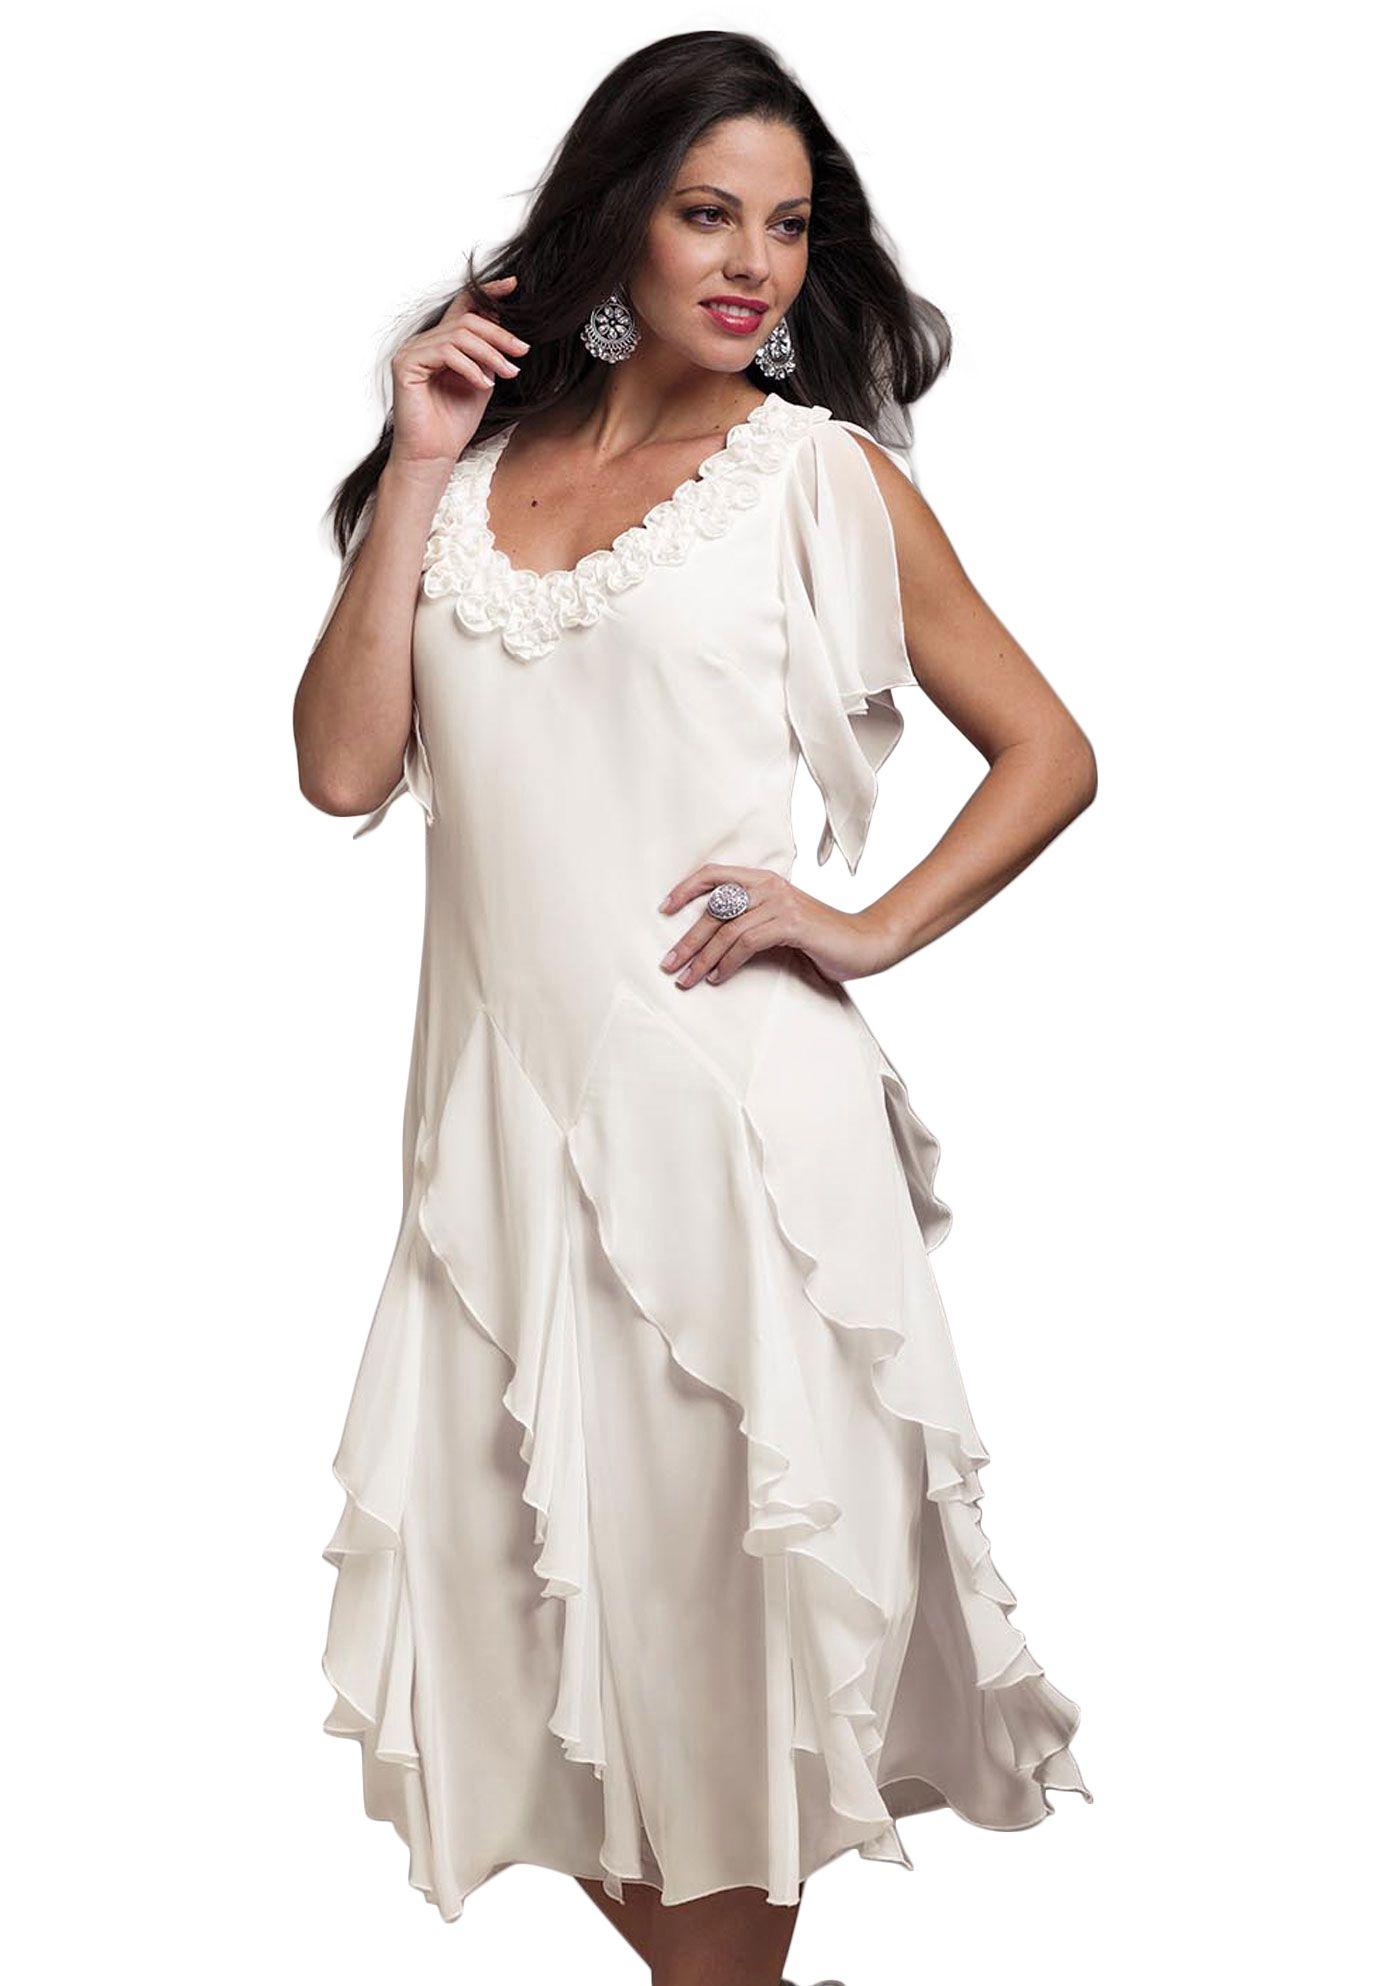 c982311189dd77 Plus Size Clothing: Dresses for Women | Roamans | Dress | Dresses ...